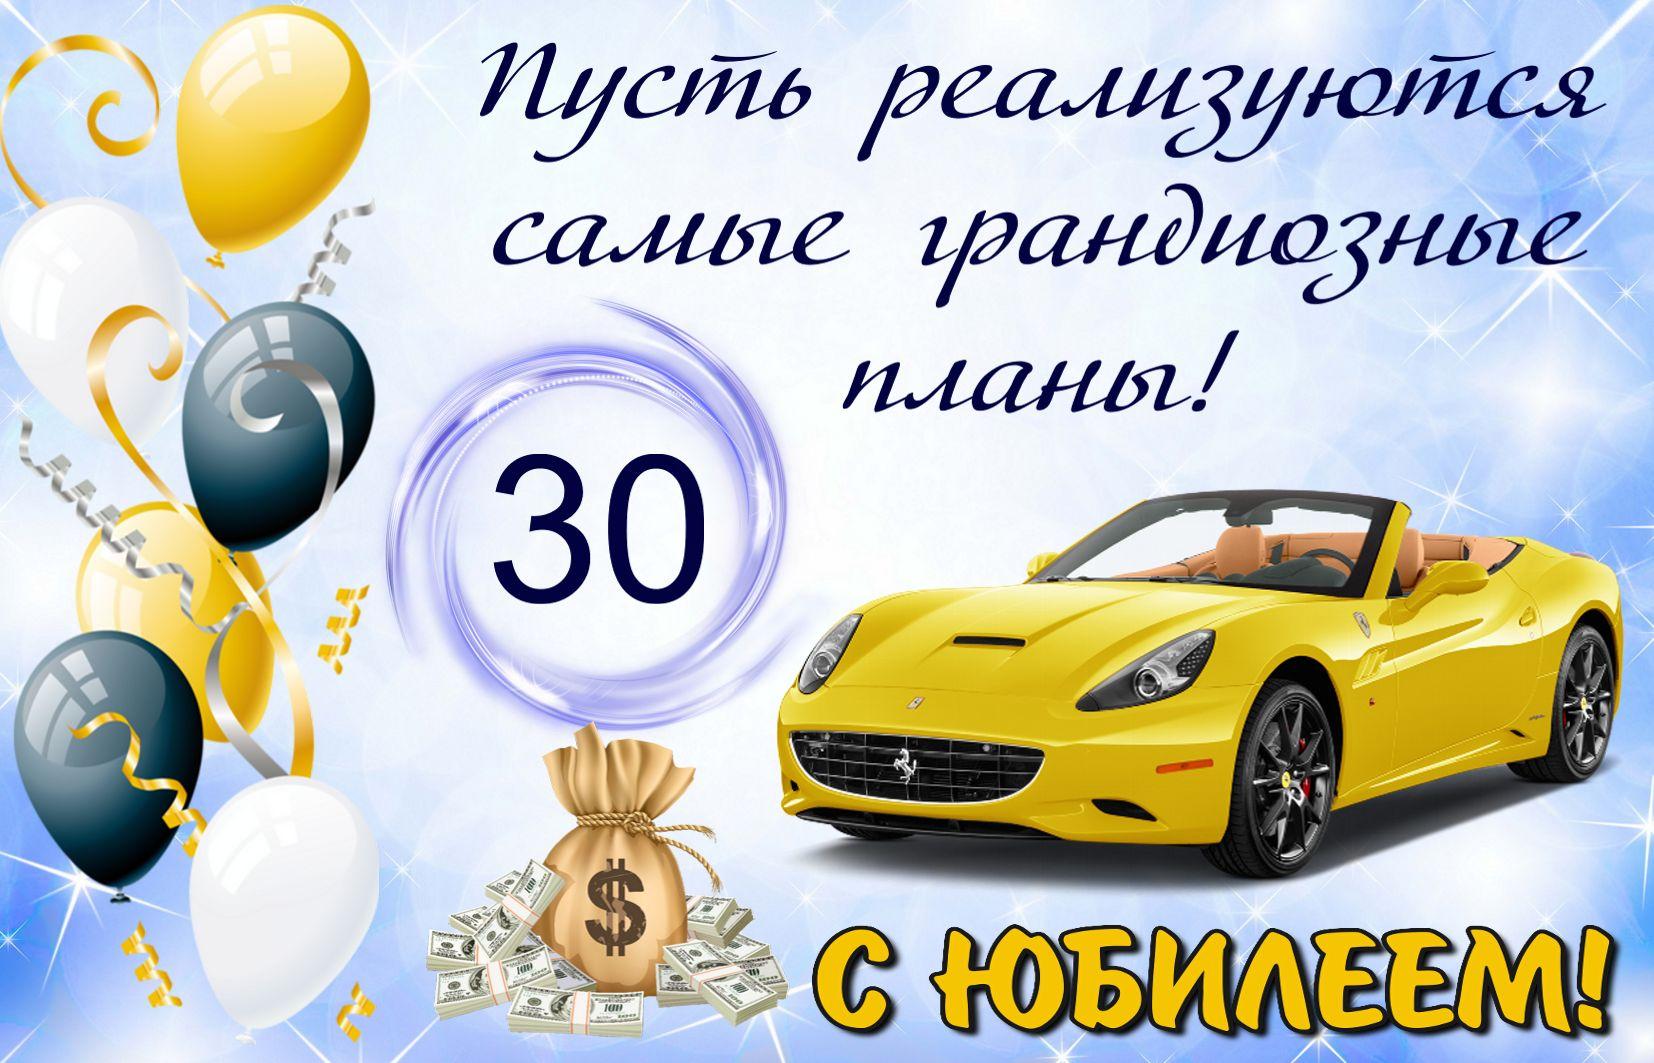 Поздравления на юбилей 30 лет мужчине открытки, праздником